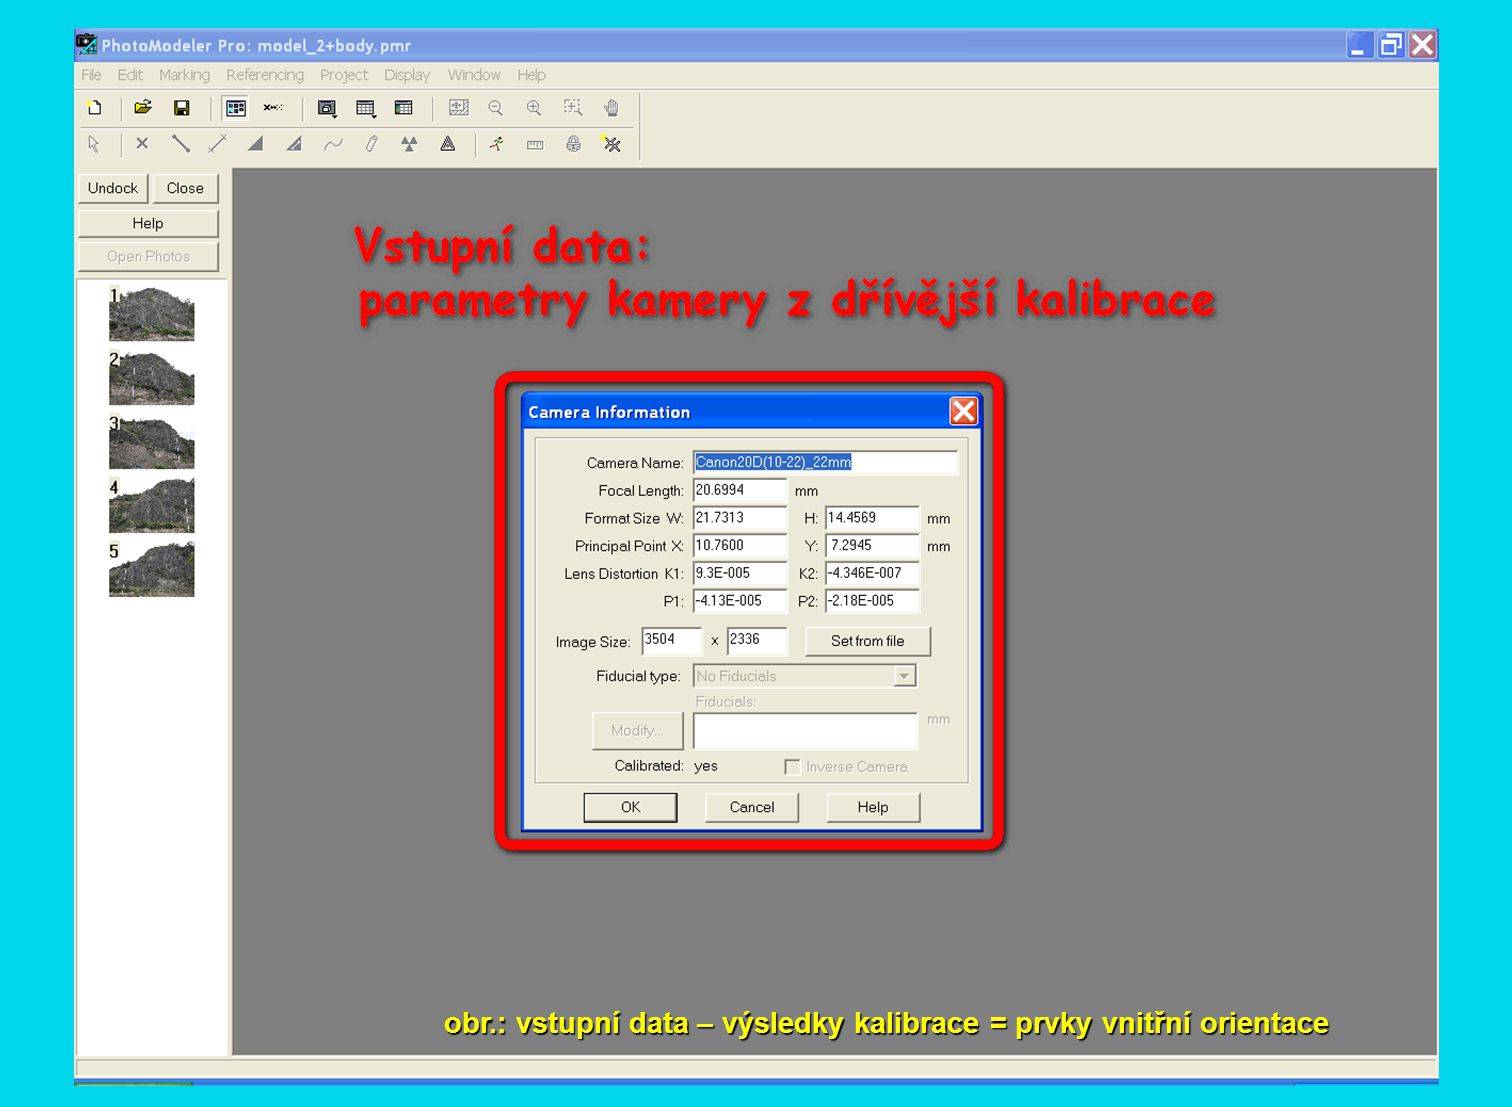 obr.: vstupní data – výsledky kalibrace = prvky vnitřní orientace